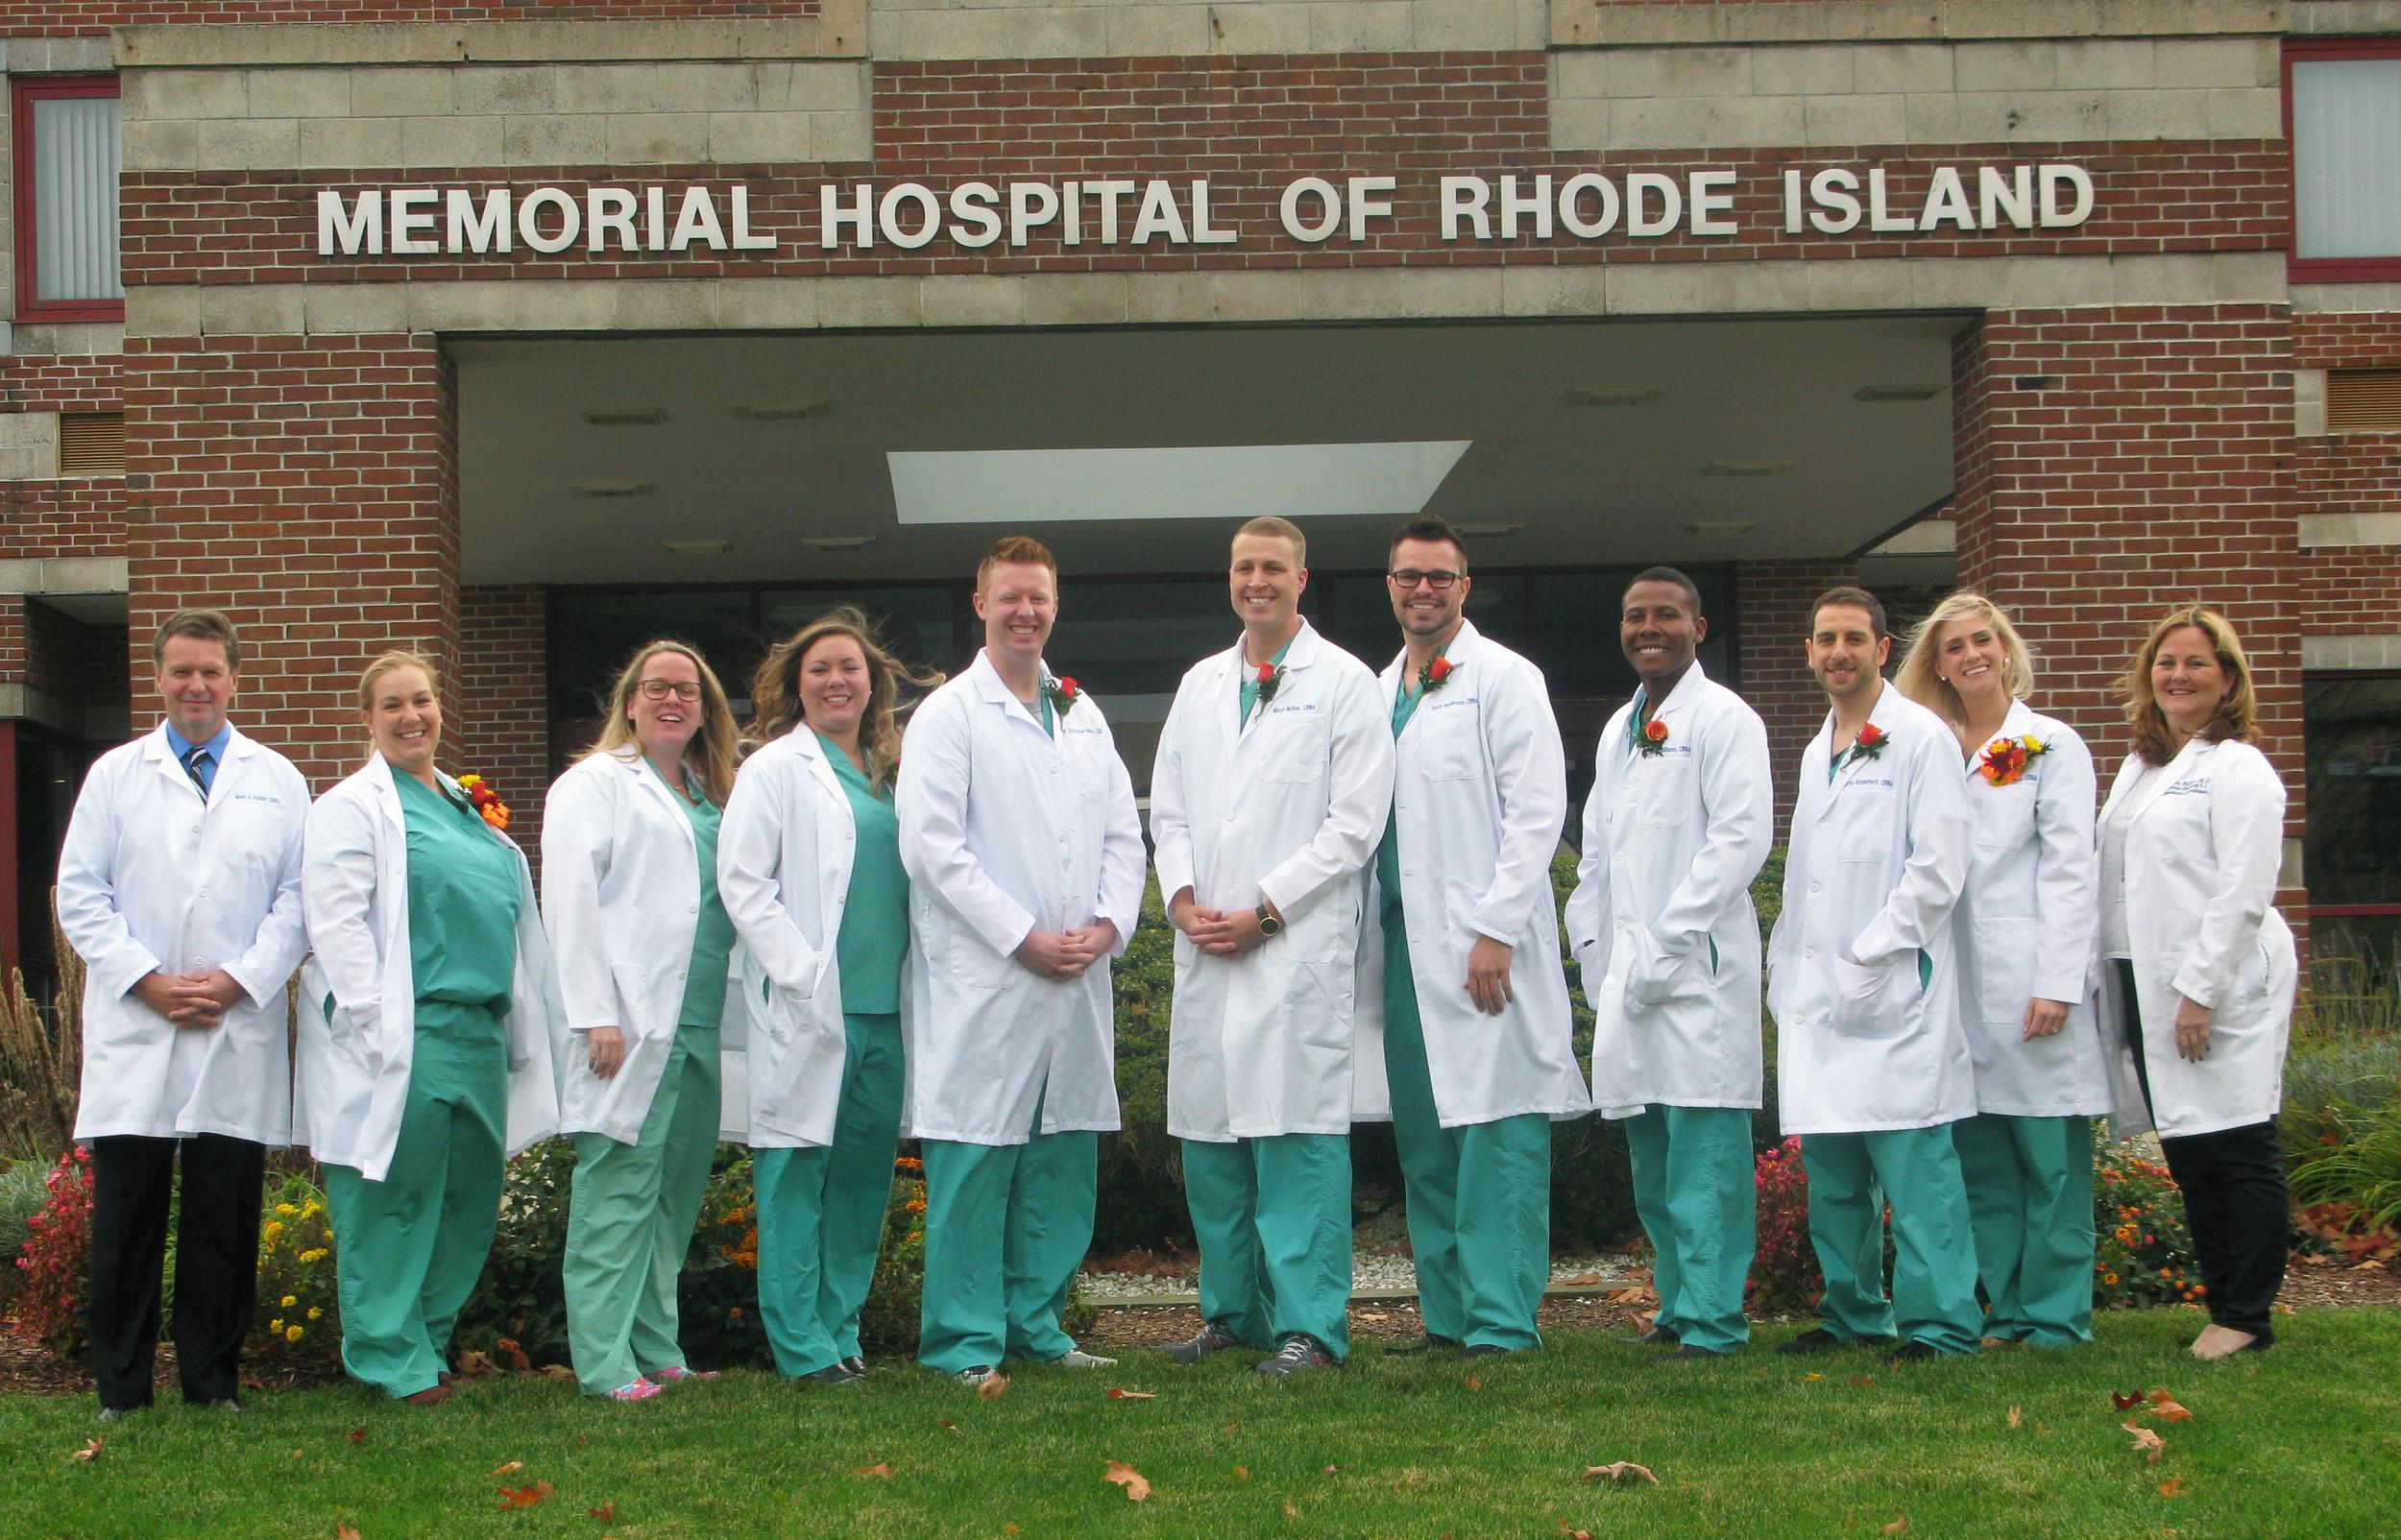 Memorial Hospital Of Rhode Island Nurse Anesthesia Program